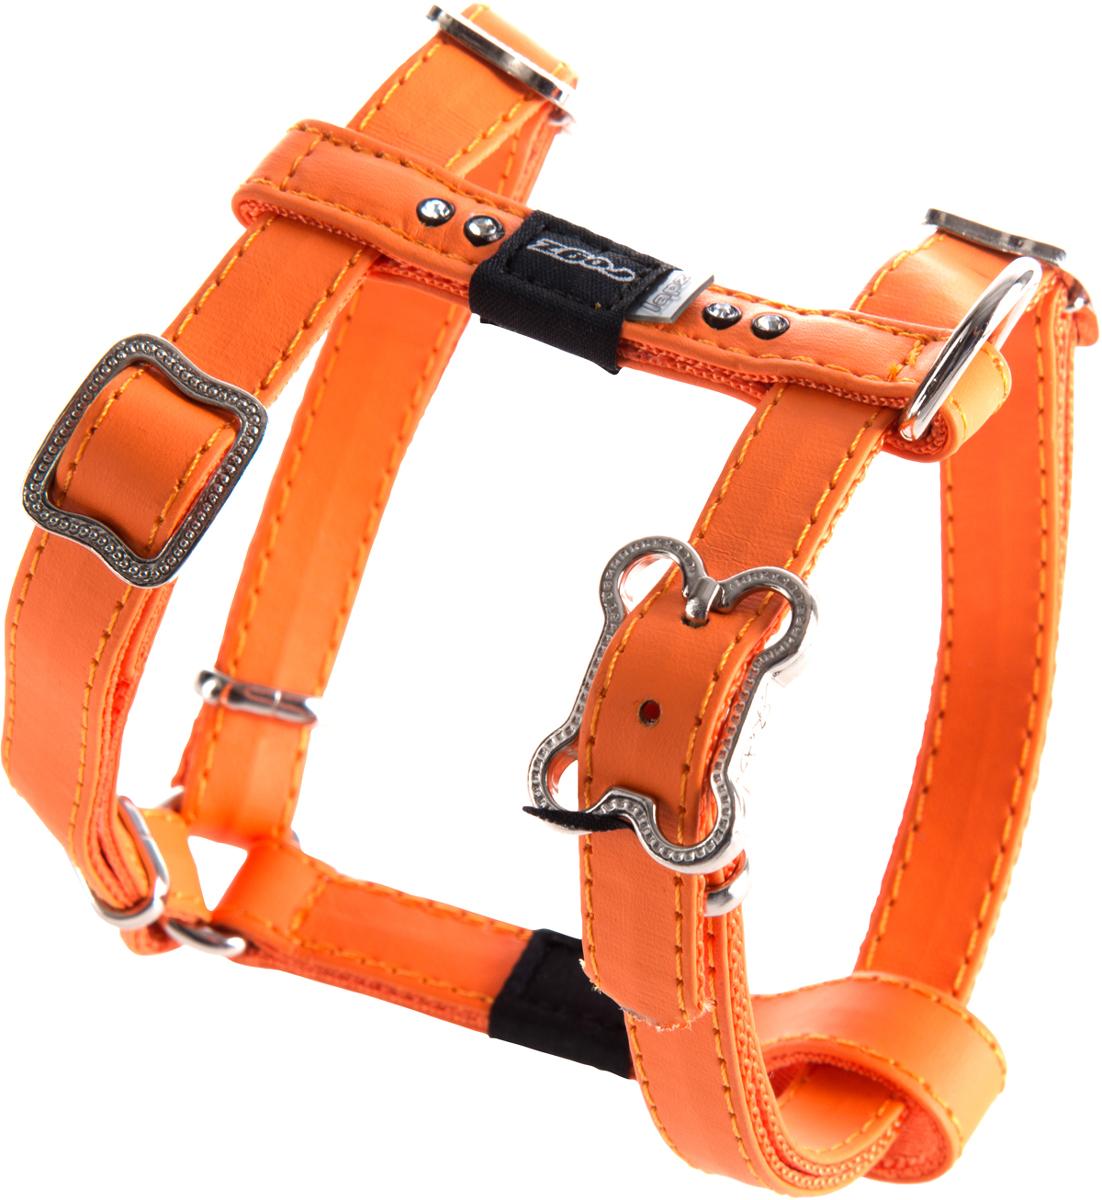 Шлейка для собак Rogz Luna, цвет: оранжевый, ширина 1,3 см. Размер SHB02BSШлейка для собак Rogz Luna обладает нежнейшей мягкостью и гибкостью.Авторский дизайн, яркие цвета, изысканные декоративные элементы со стразами.Шлейка подчеркнет индивидуальность вашей собаки.